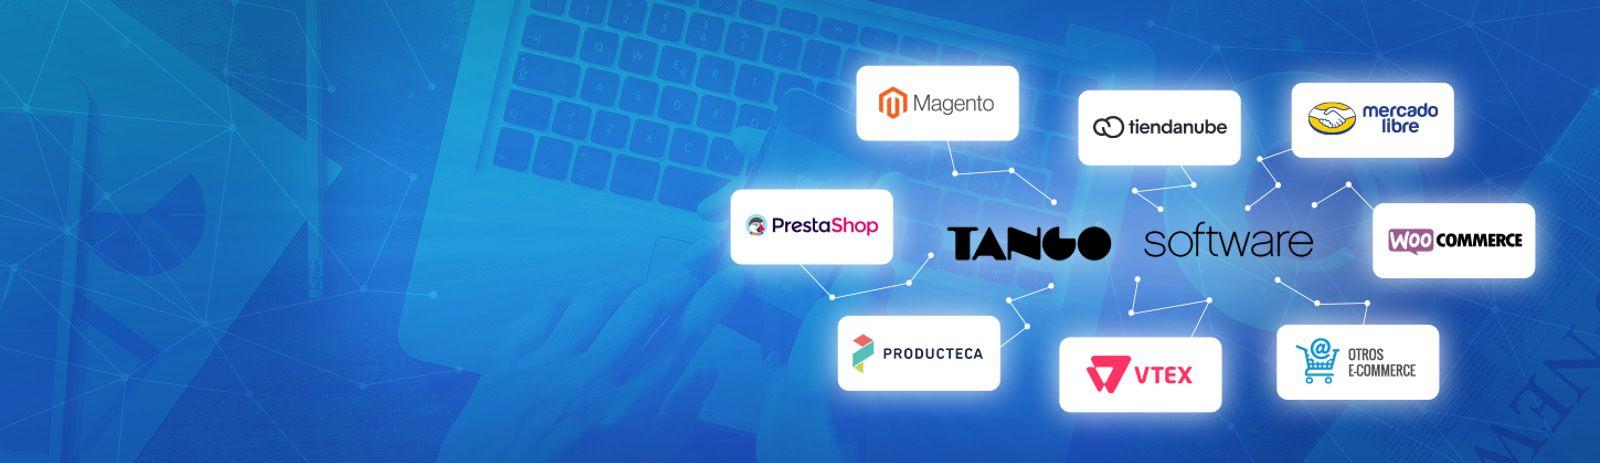 Vendé Online con Tango